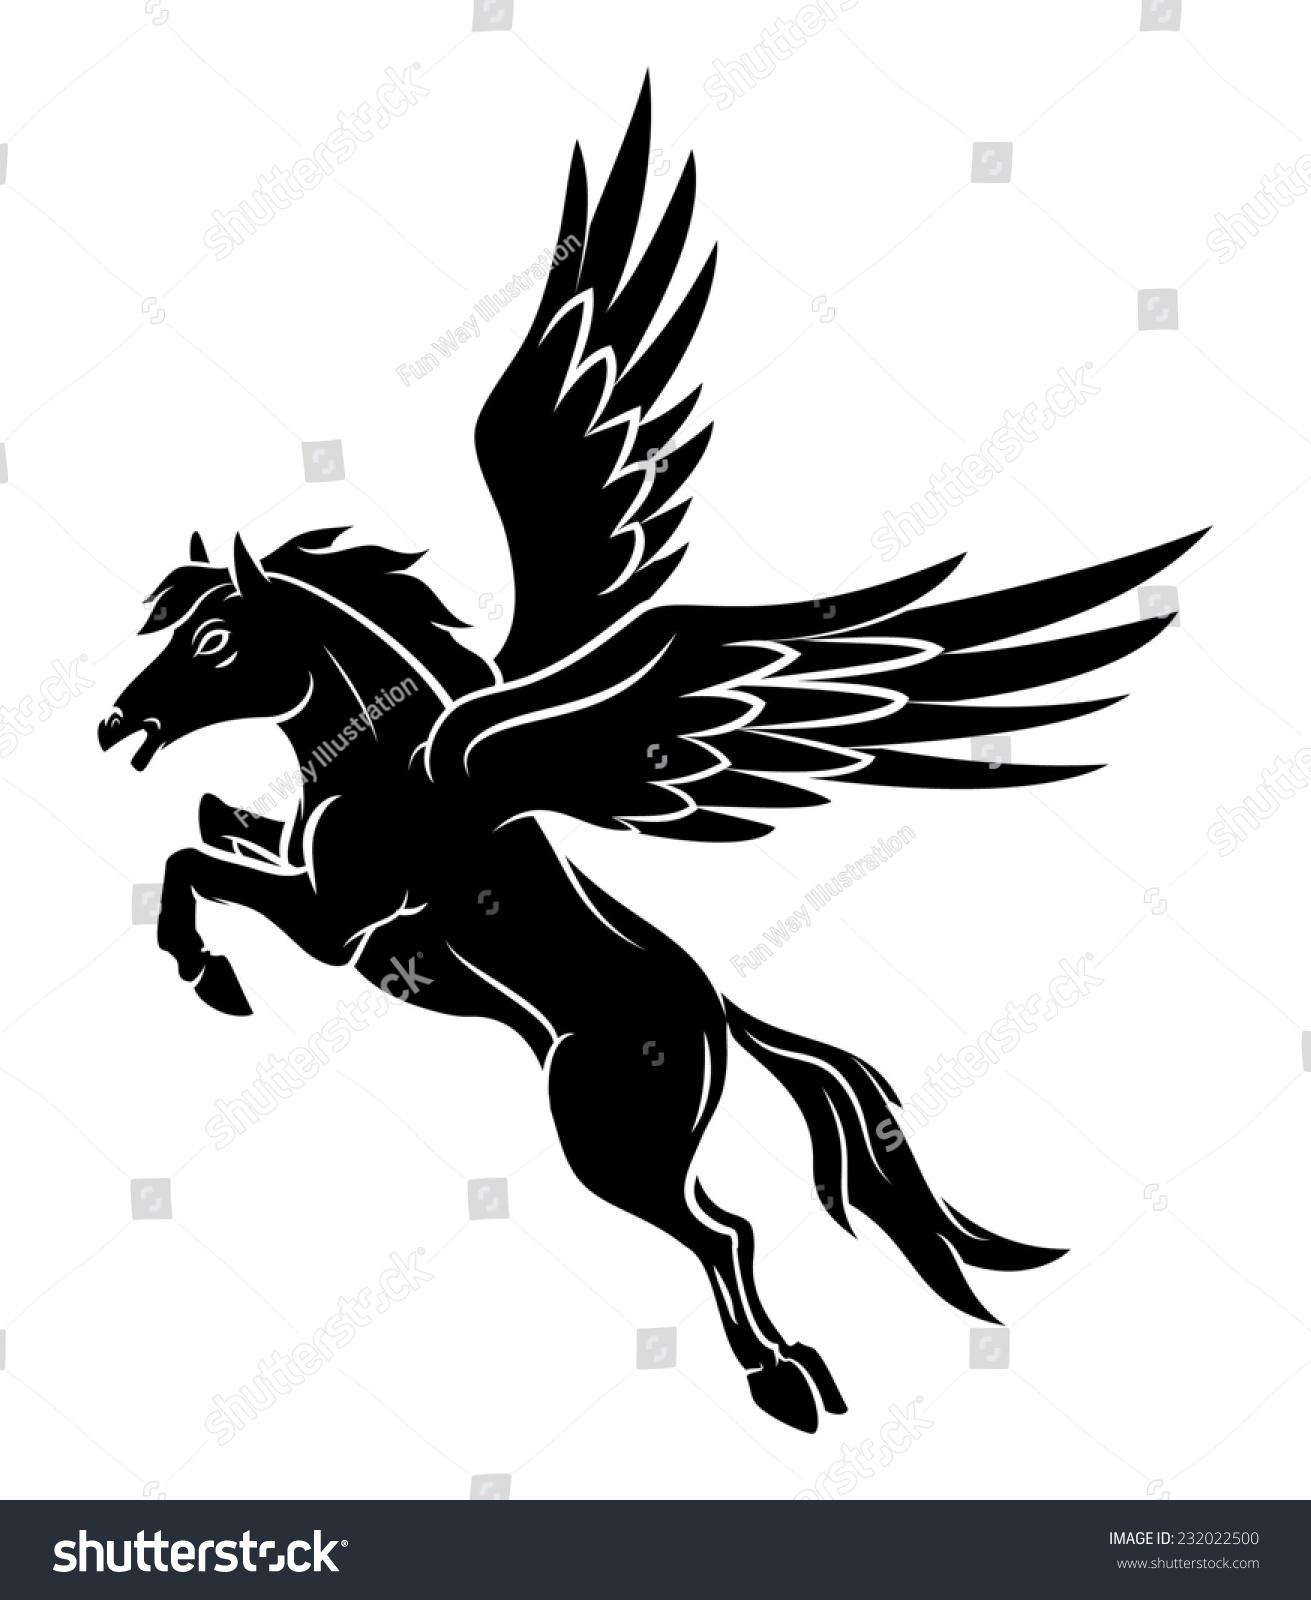 马翅膀纹身-动物/野生生物-海洛创意(hellorf)-中国